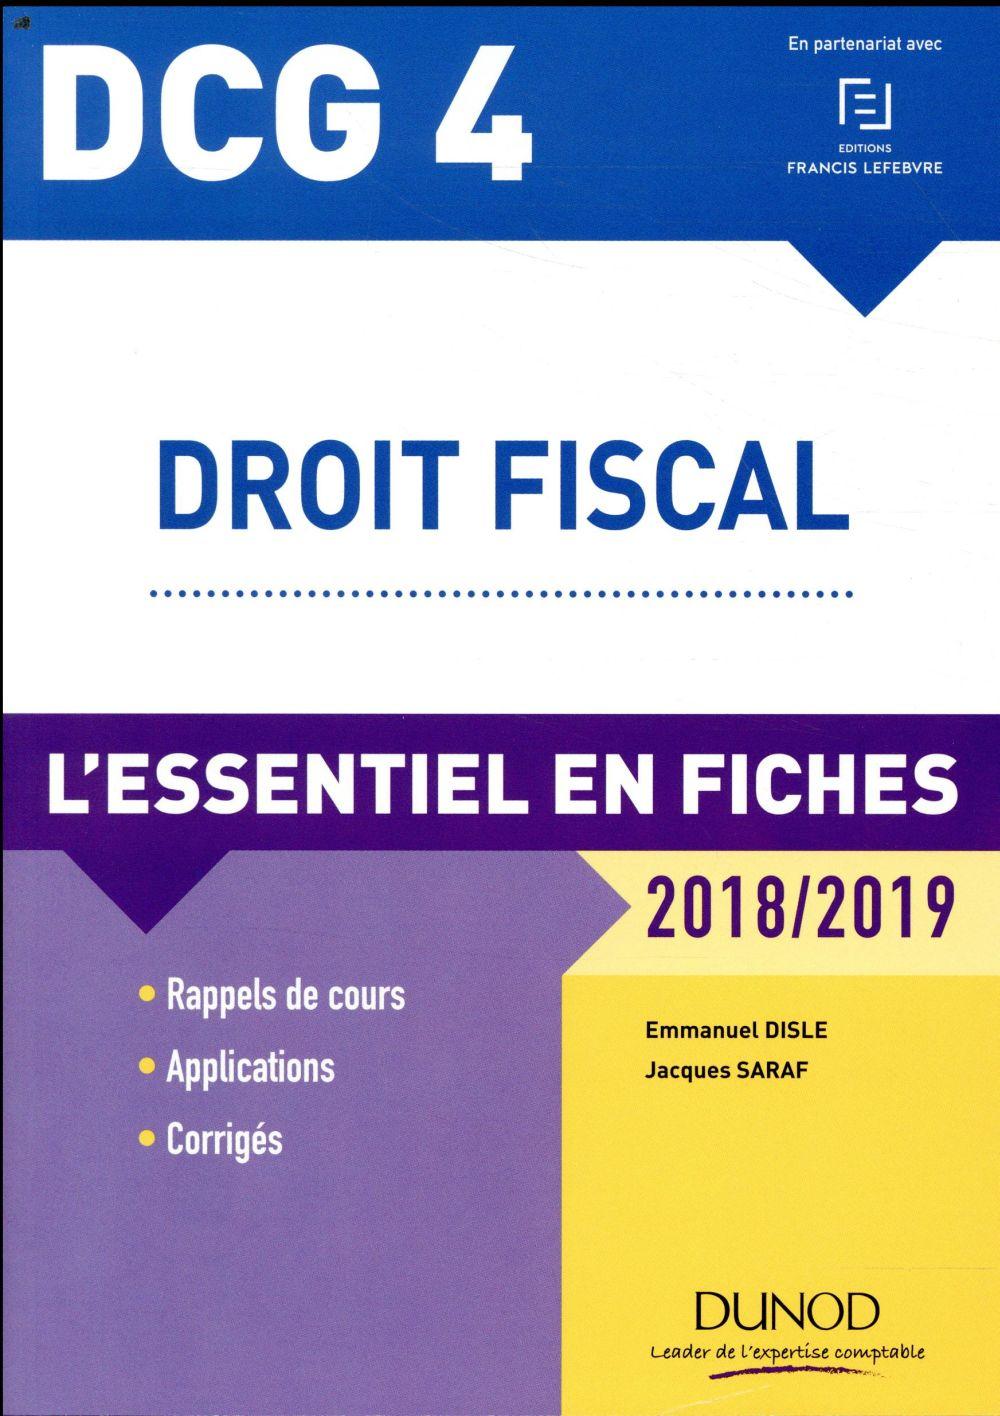 DCG 4 - droit fiscal ; l'essentiel en fiches (édition 2018/2019)